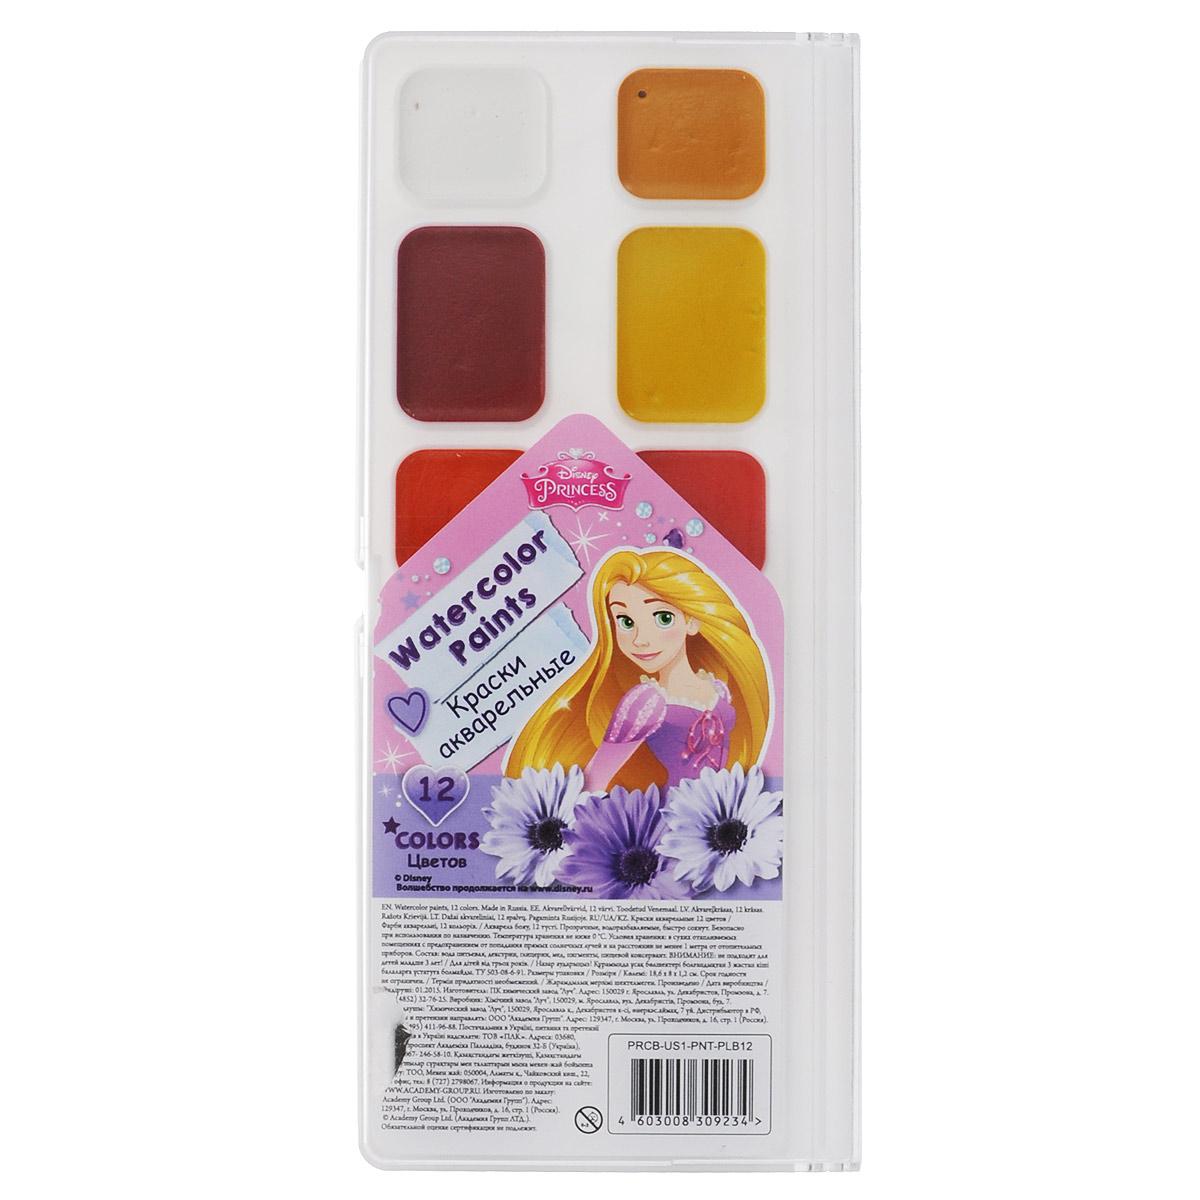 Краски акварельные Princess, 12 цветов. PRCB-US1-PNT-PLB12PRCB-US1-PNT-PLB12Акварельные краски Princess прекрасно подойдут для детского художественного творчества, изобразительных работ. Краски мягко ложатся на бумагу, легко смешиваются между собой, не крошатся и не смазываются. Набор содержит краски 12 ярких насыщенных цветов.В процессе рисования у детей развивается наглядно-образное мышление, воображение, мелкая моторика рук, творческие и художественные способности, вырабатывается усидчивость и аккуратность.